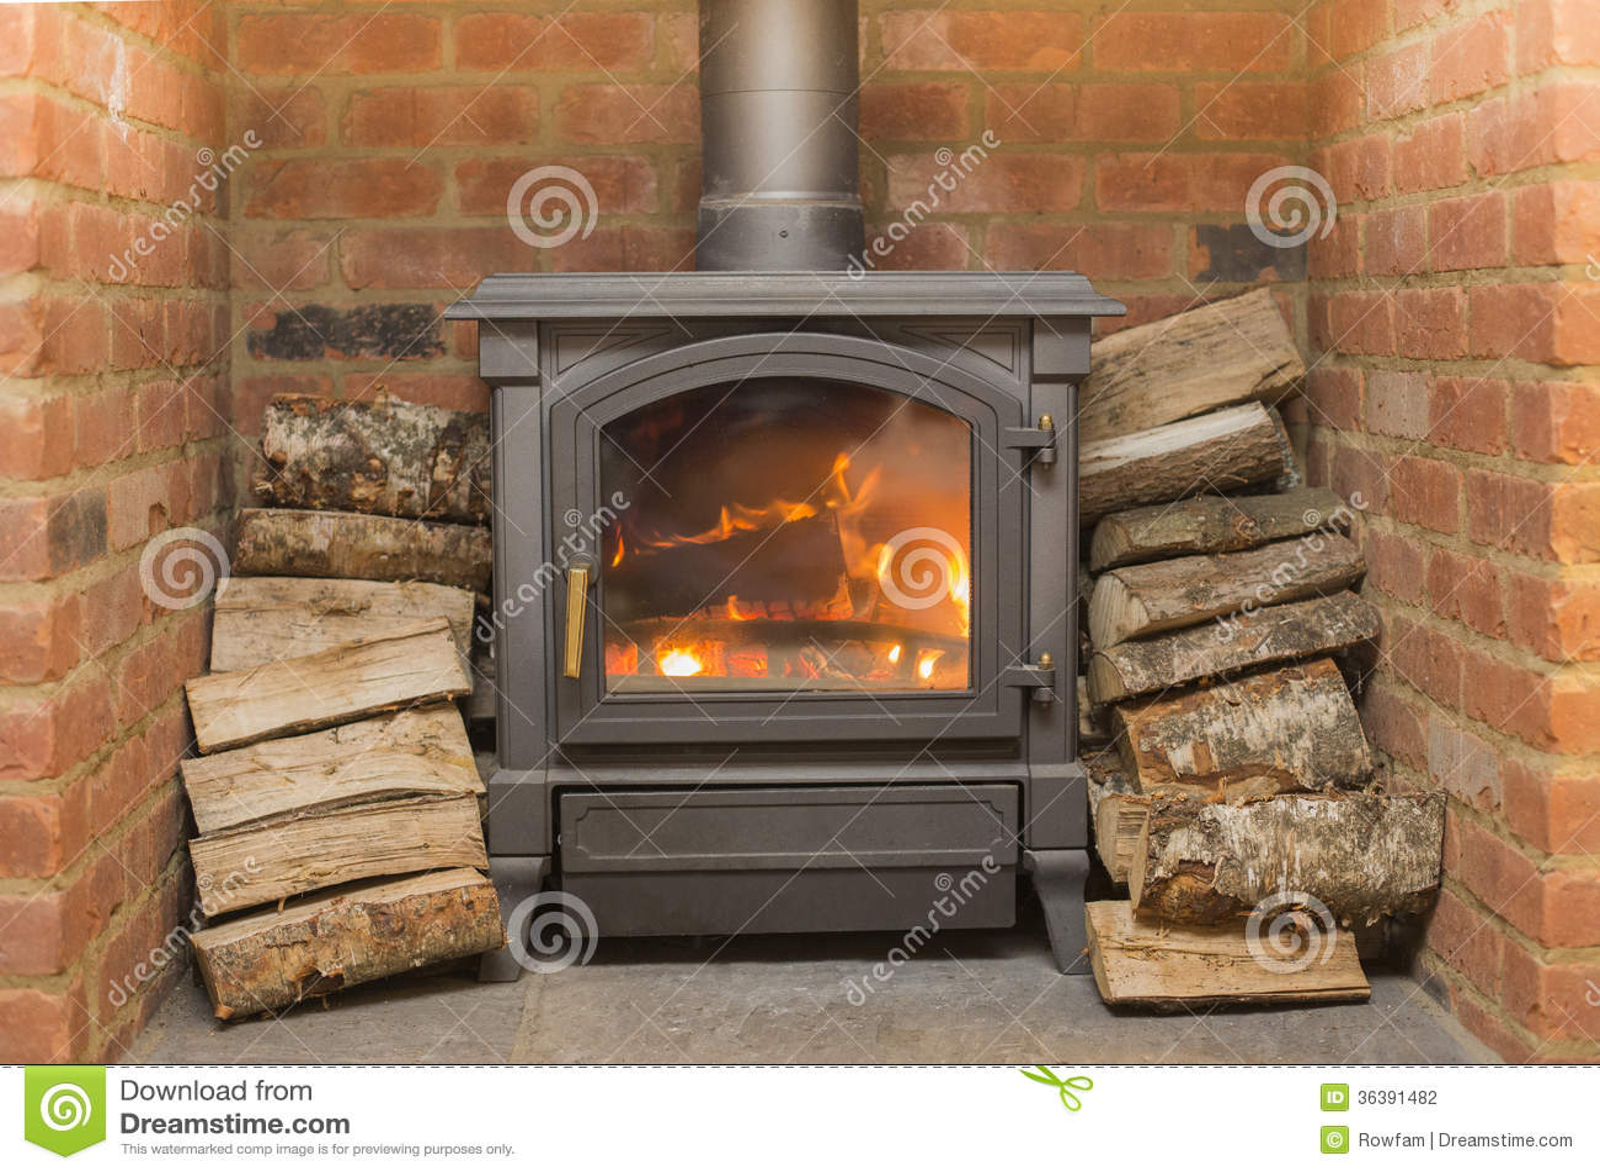 wood burning stove stock photography image 36391482